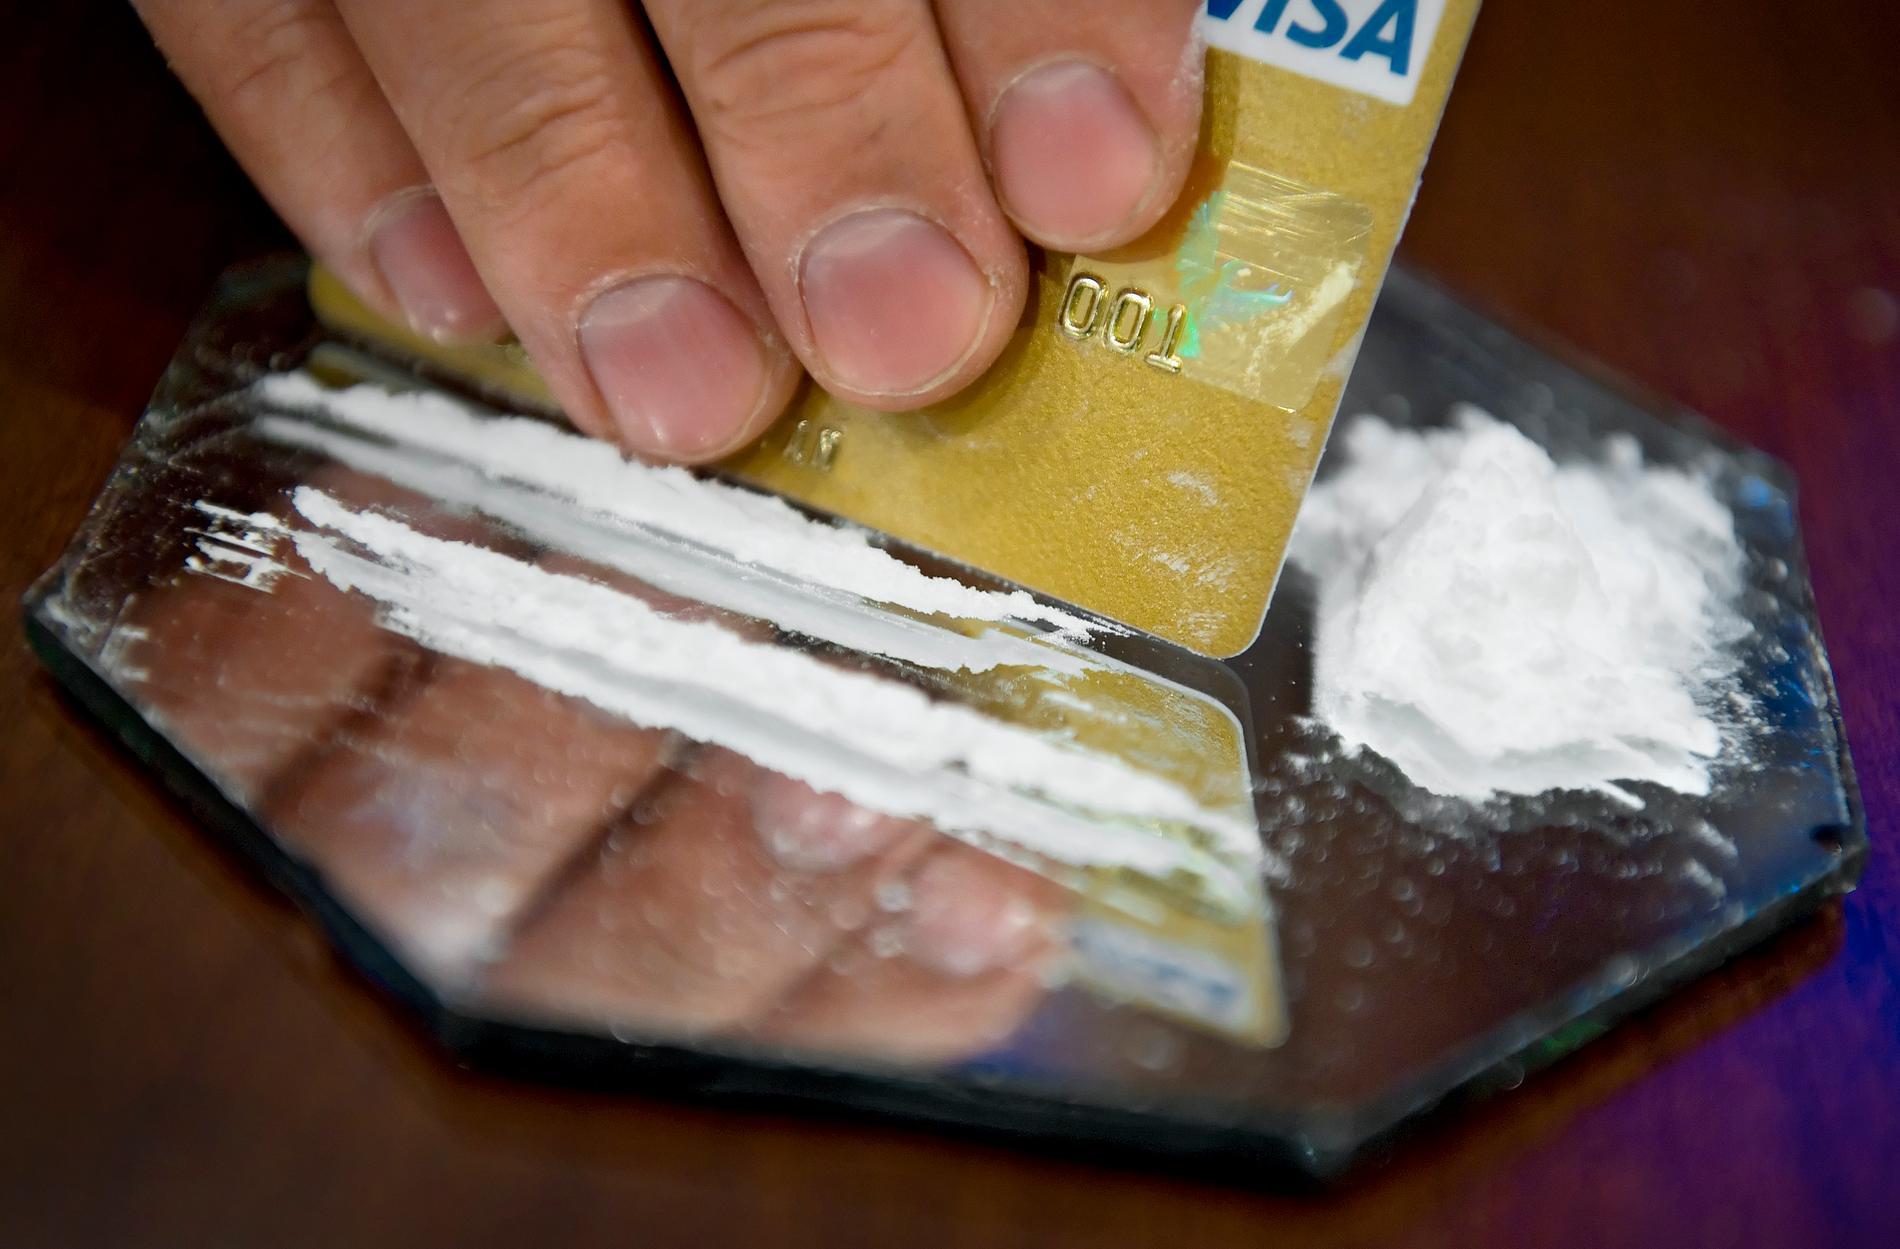 Vaccinerade som regelbundet använder cannabis och kokain lider större risk att drabbas än vaccinerade som inte gör det.